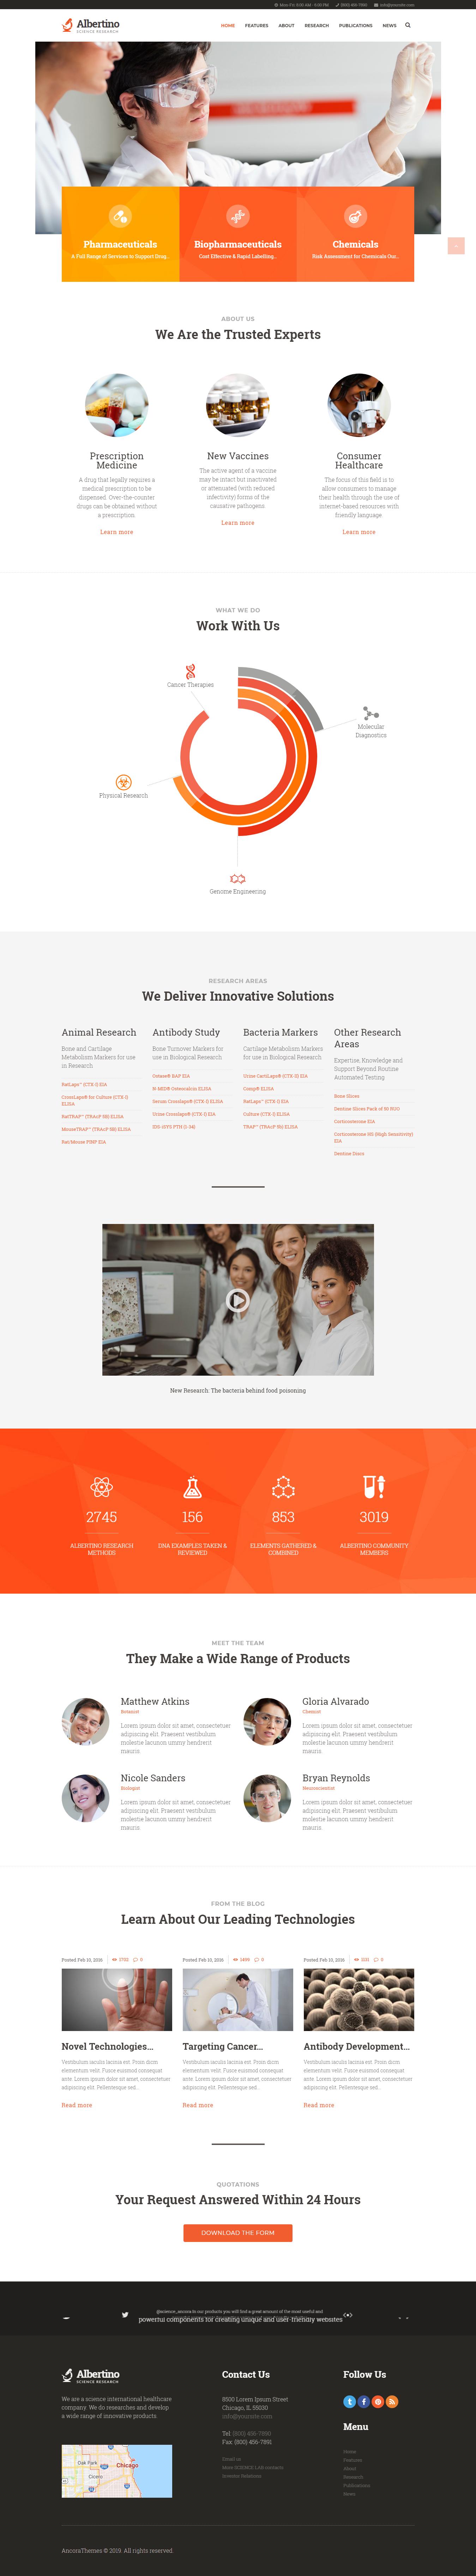 Albertino - Best Premium Science WordPress Theme